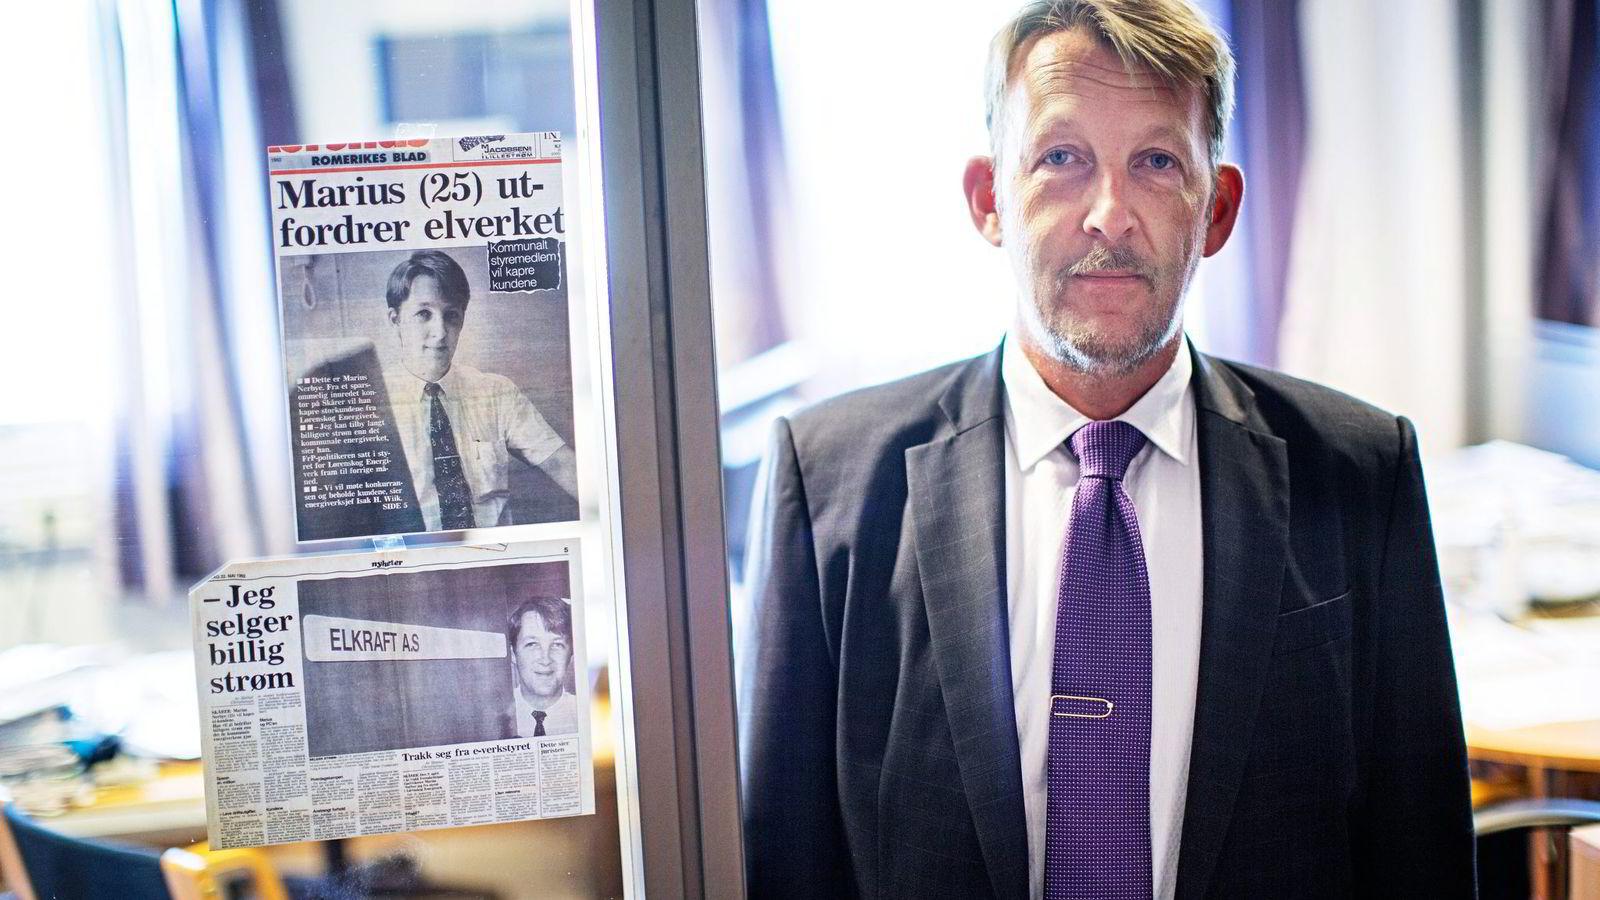 For 25 år siden var Marius Nerbye (50) i Elkraft en av de nye aktørene i kraftmarkedet da næringen ble liberalisert. 25 år etter er han konsernsjef for et milliardkonsern med rundt 100 ansatte. Foto: